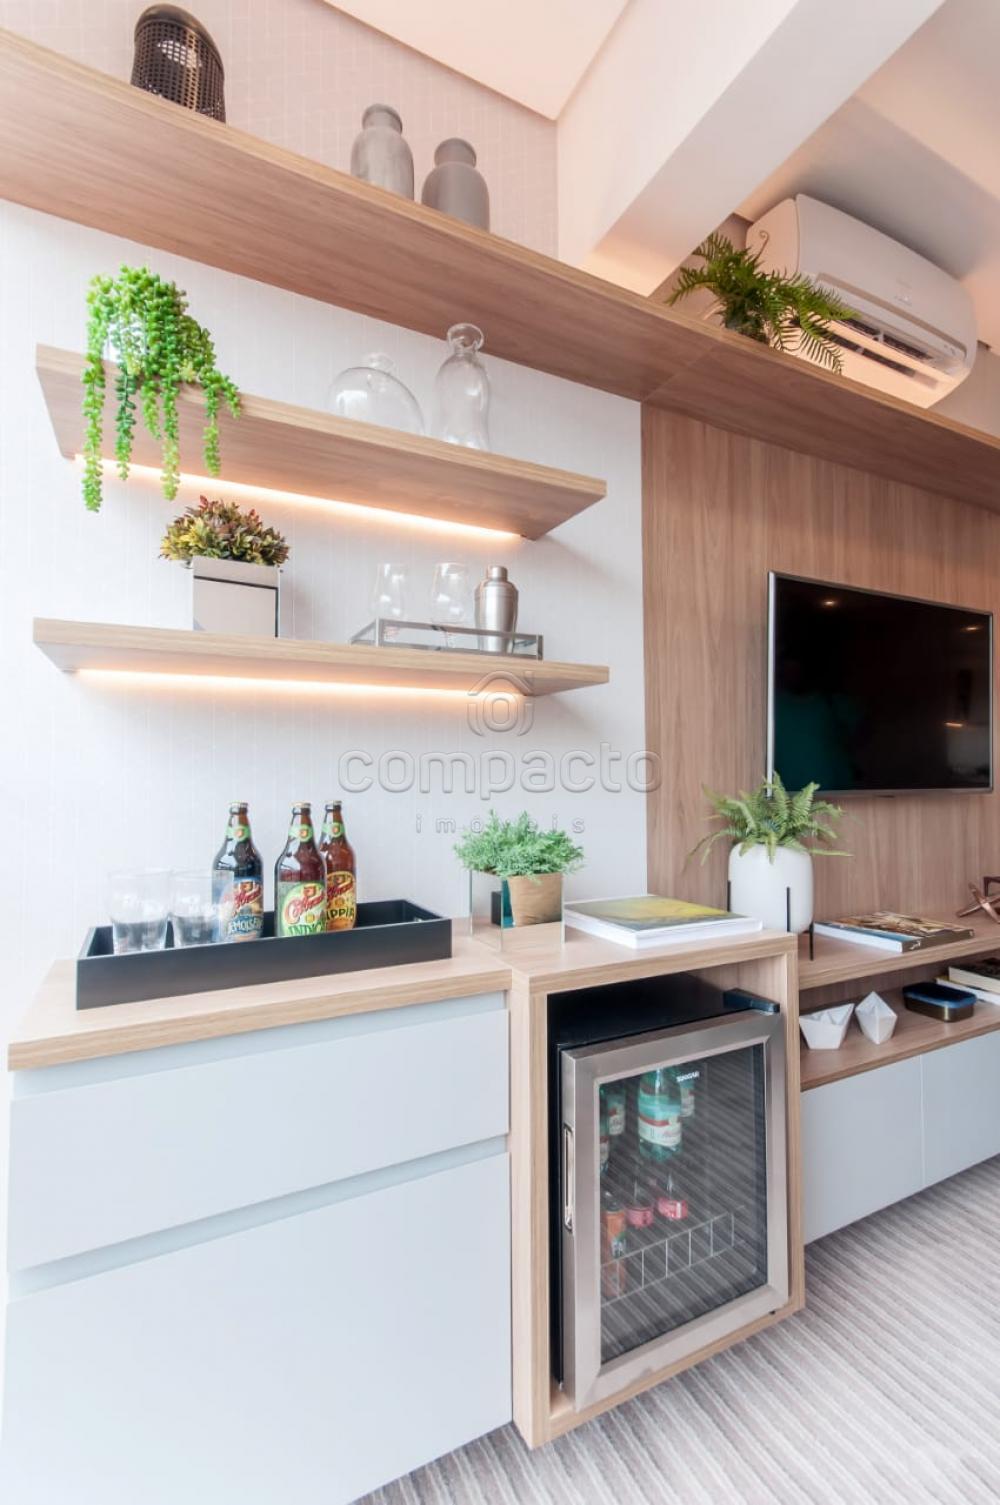 Comprar Apartamento / Padrão em São José do Rio Preto apenas R$ 223.000,00 - Foto 9